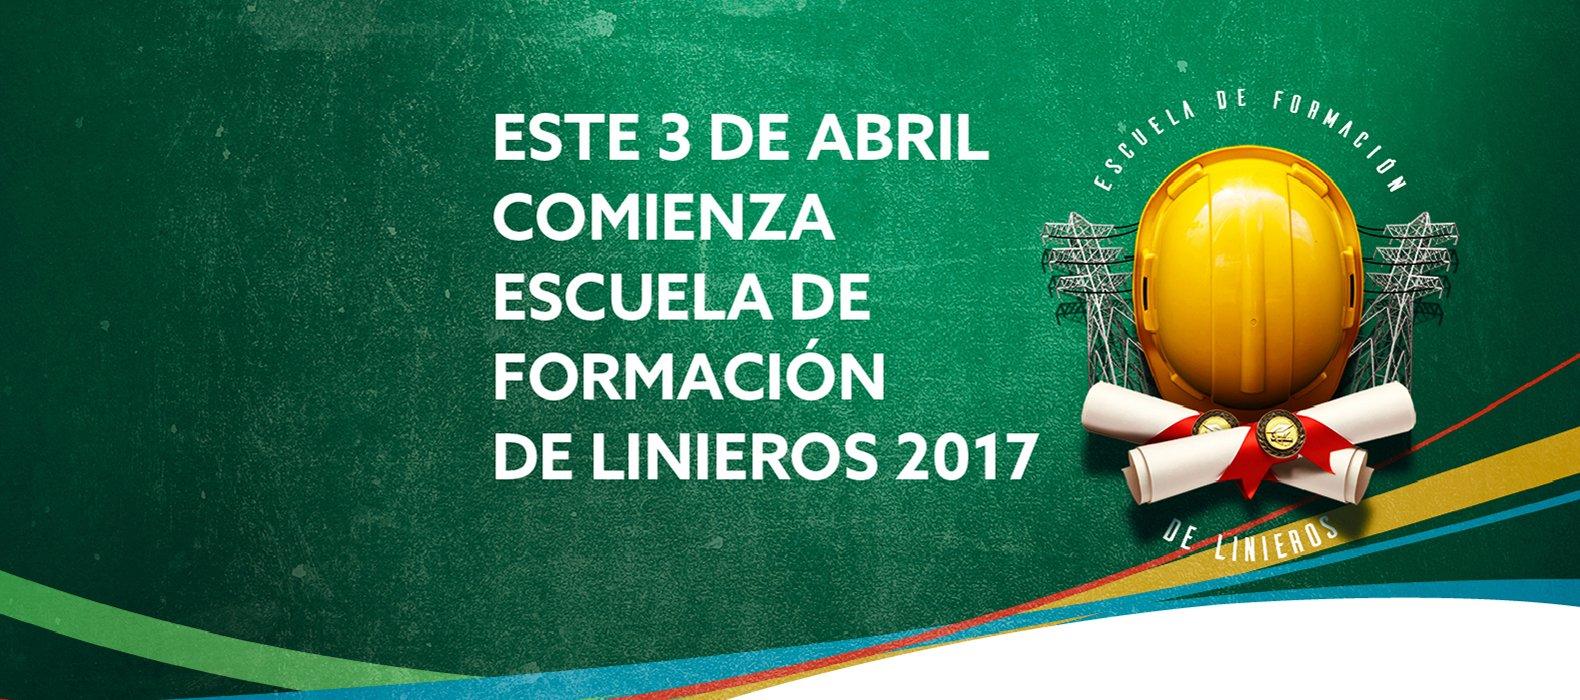 Escuela de Linieros